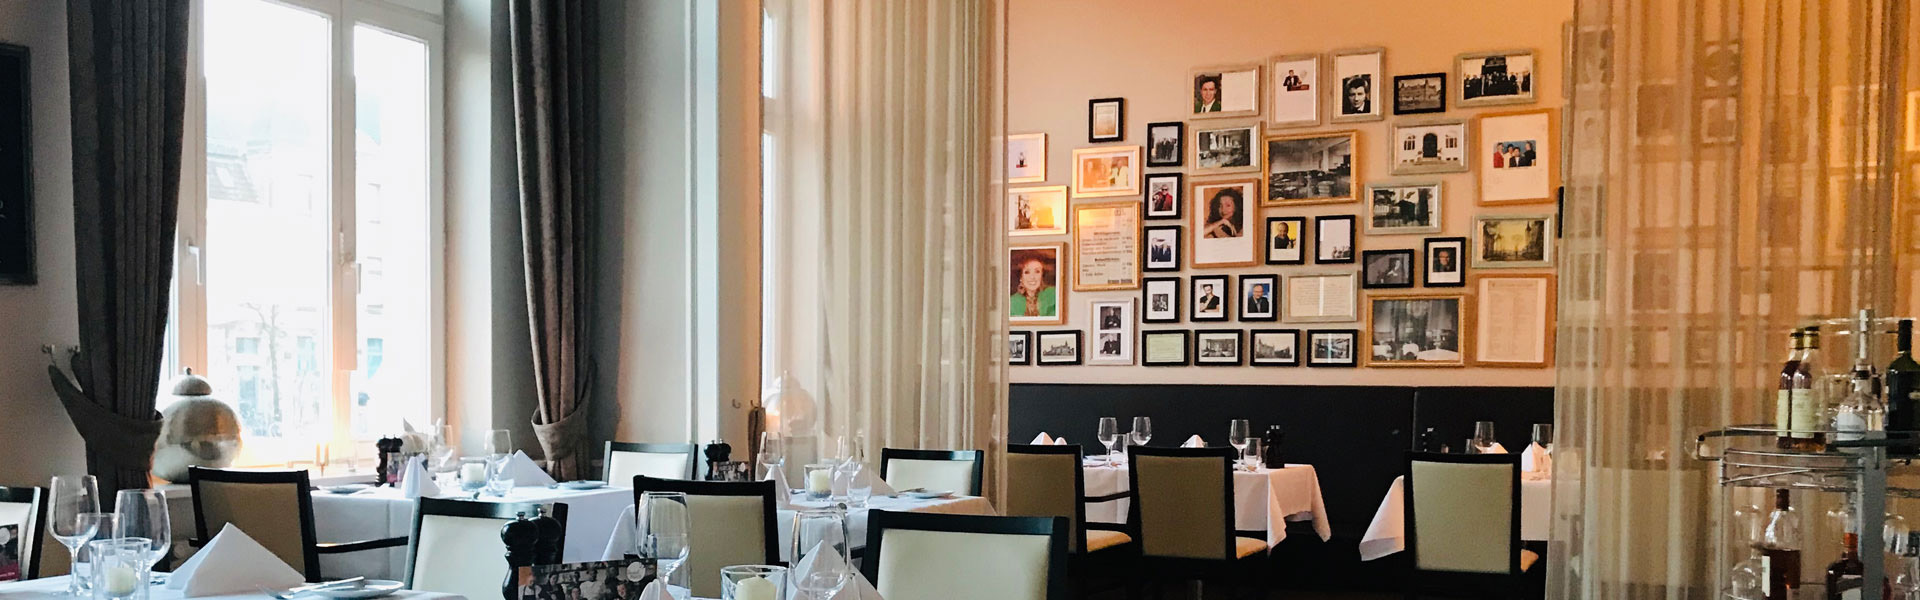 Restaurant GeistReich Hotel Bielefeld Innenstadt